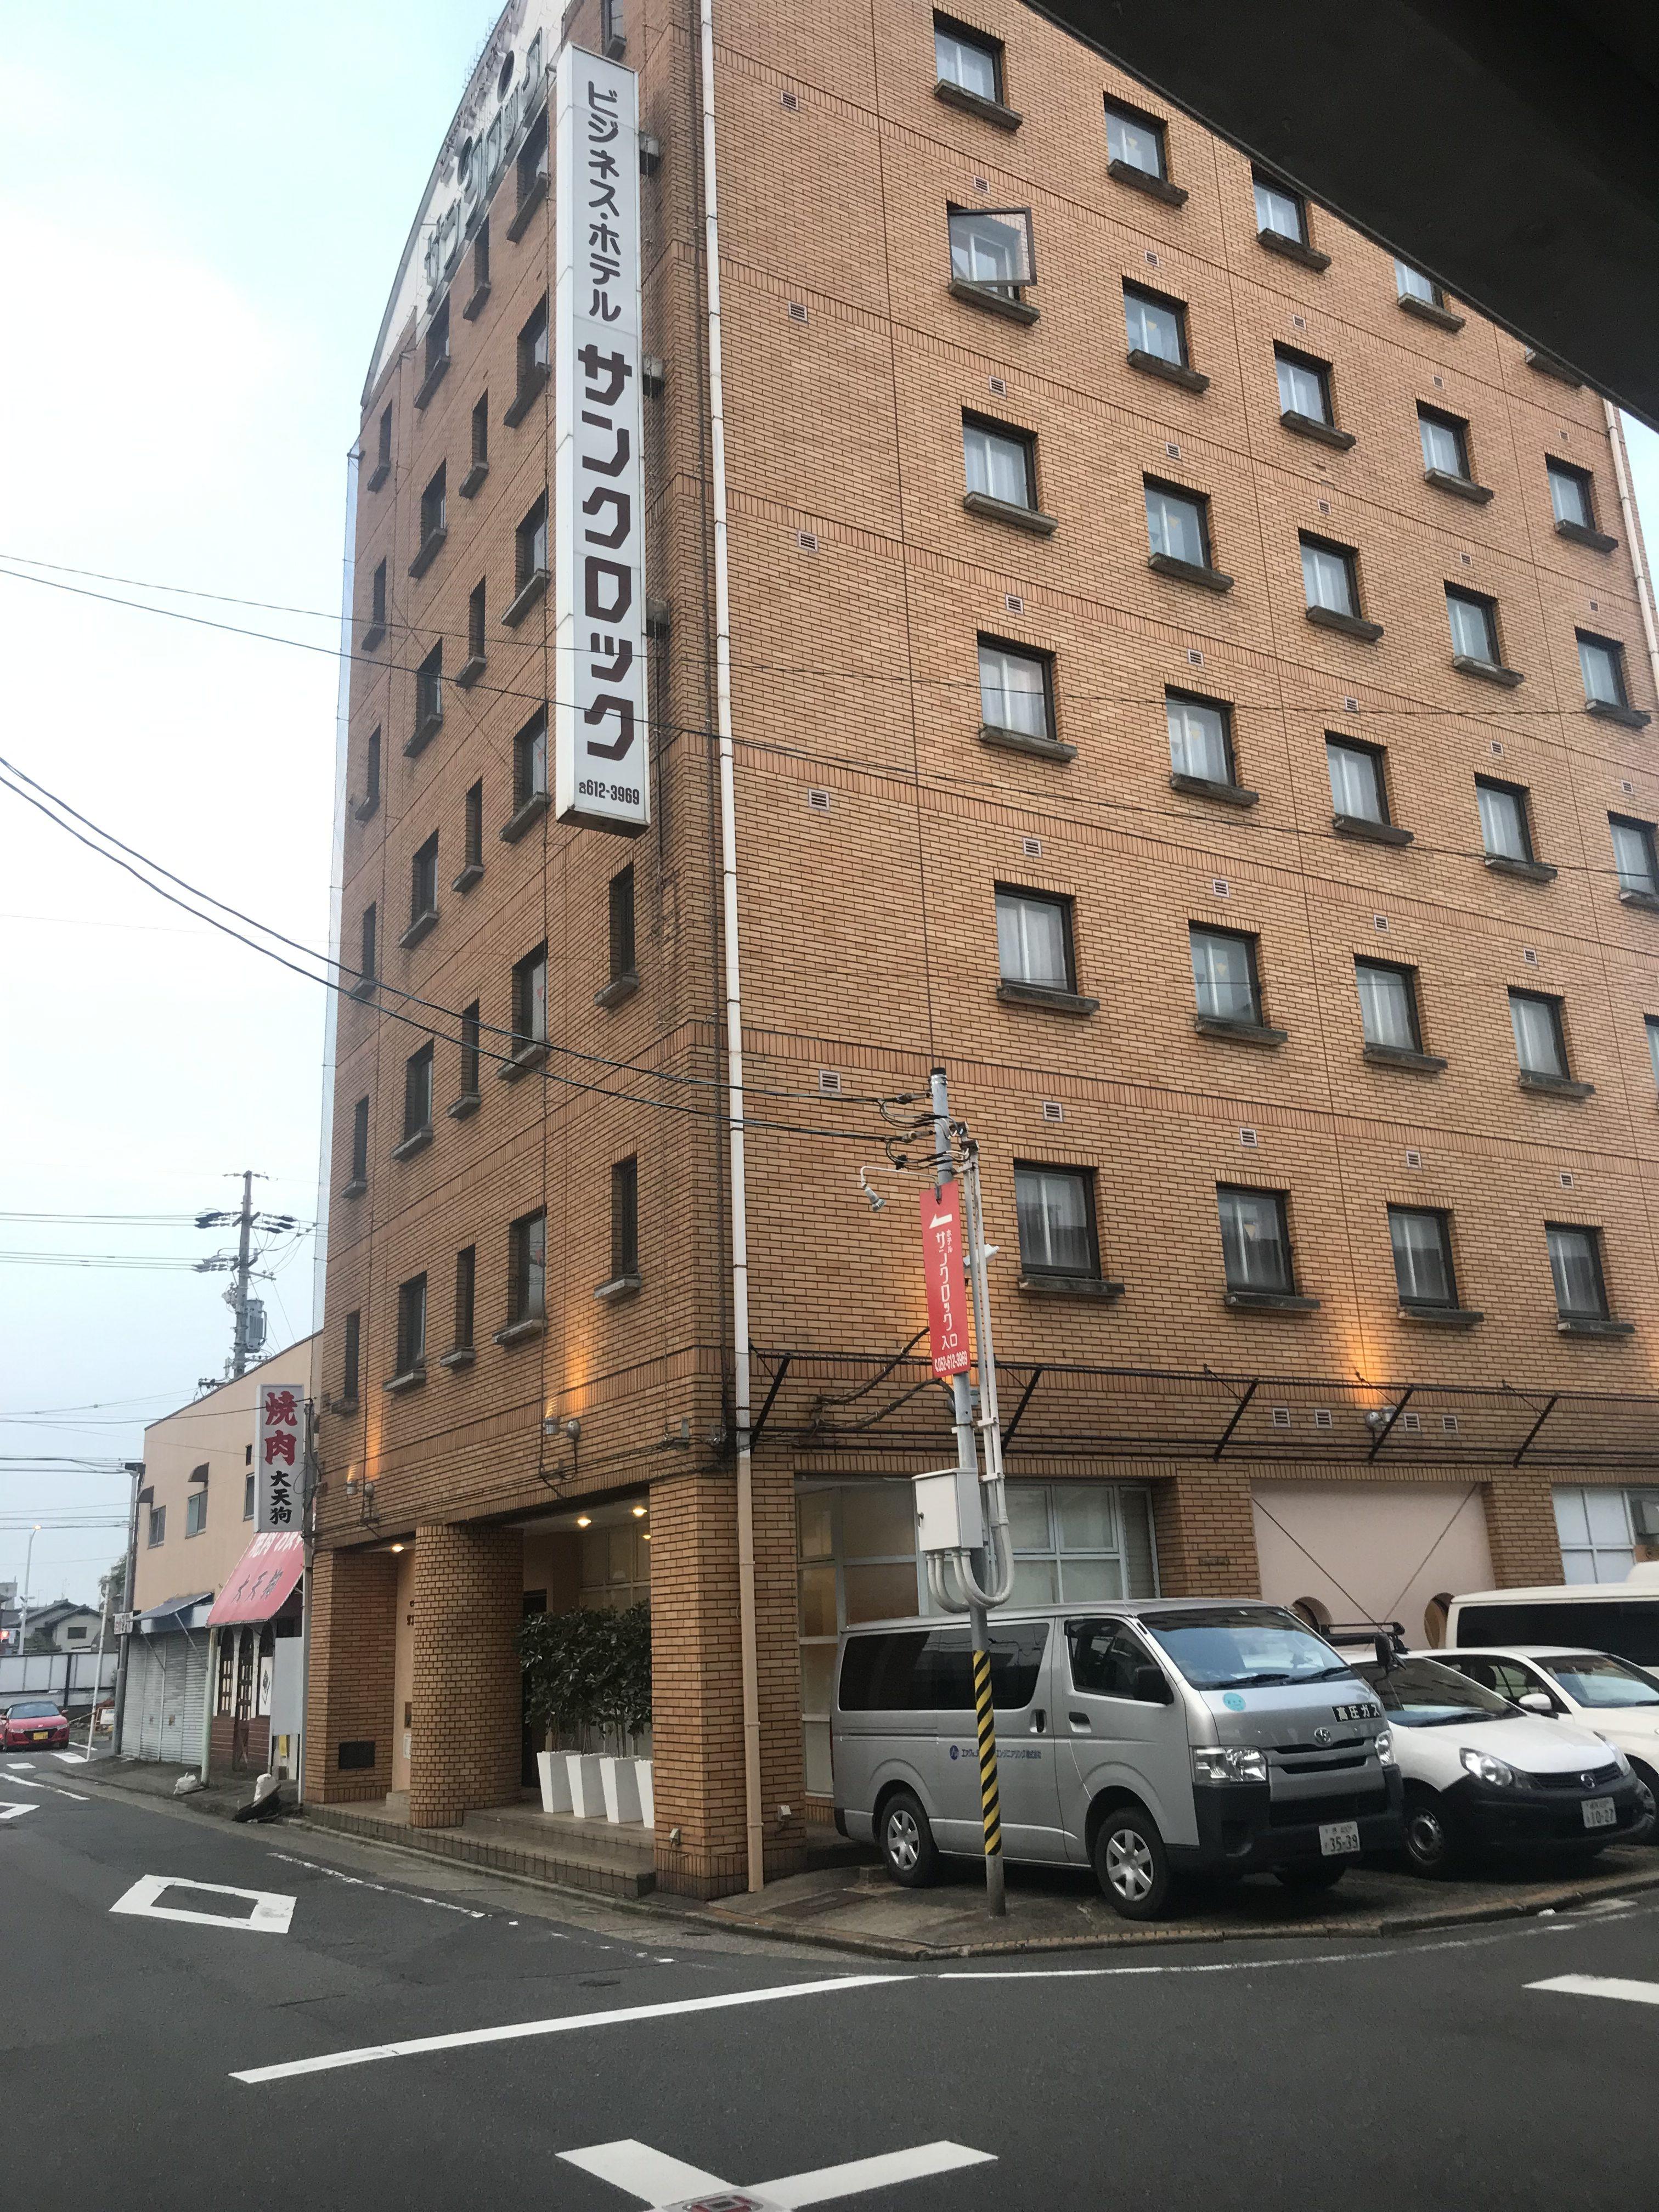 コスパ☆4.5 名古屋市内 柴田駅近 ホテル サンクロック。名古屋駅や日本ガイシホールにも近い超穴場ホテルです!